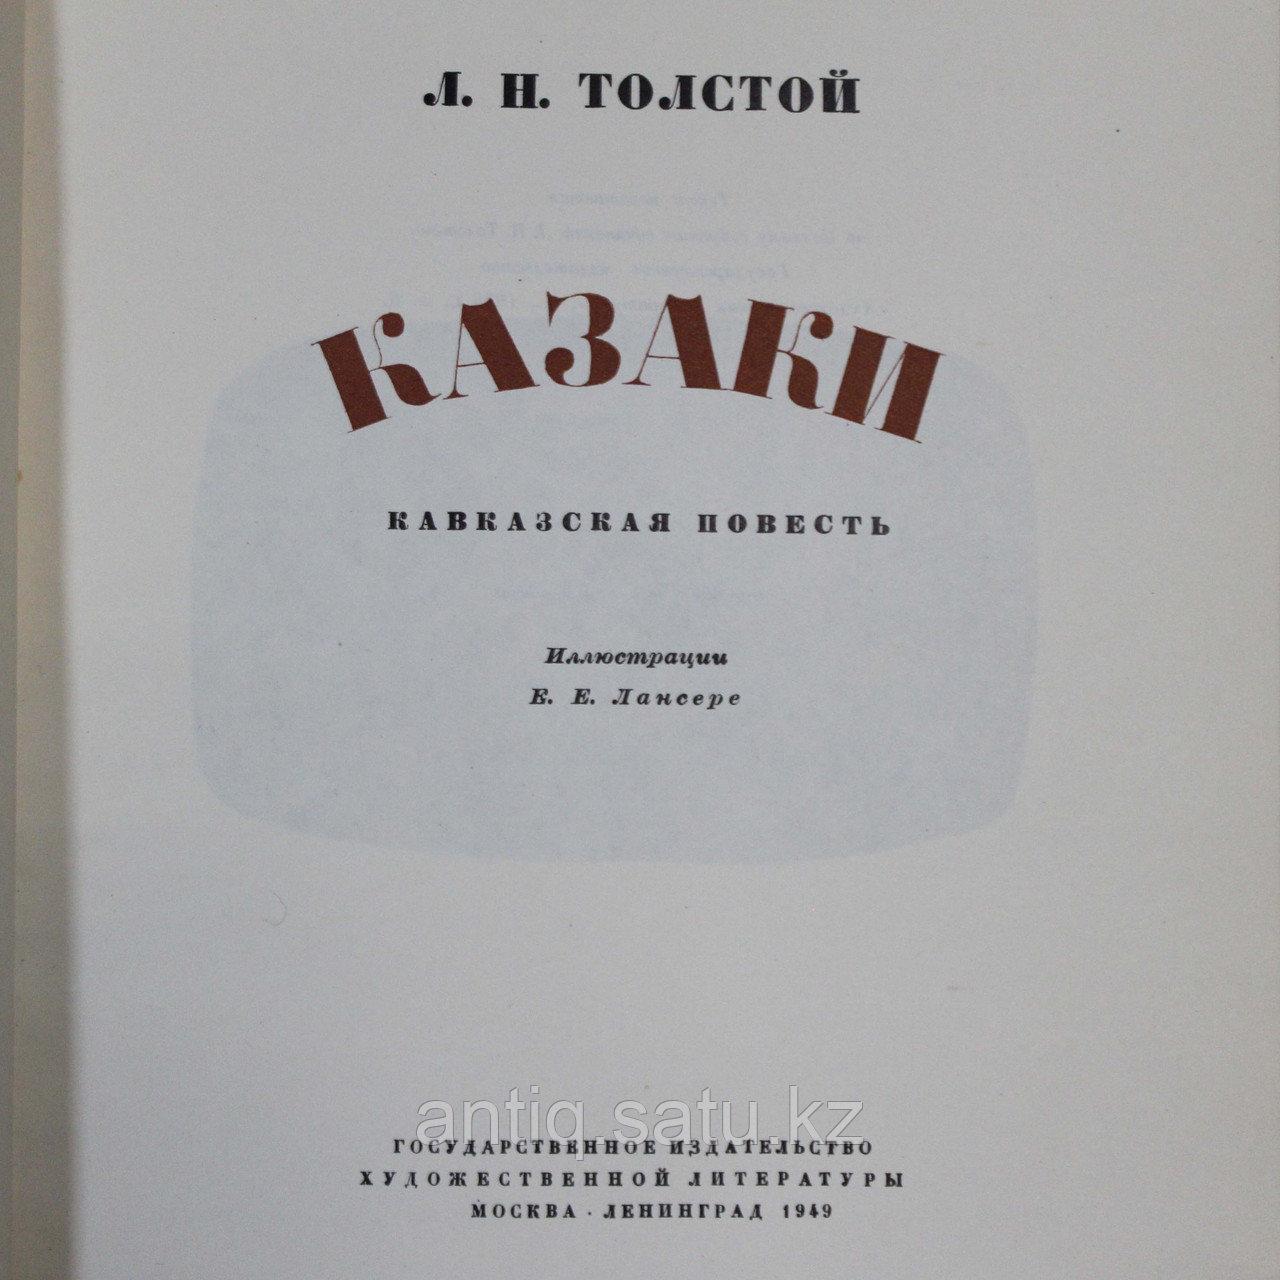 Л. Н. ТОЛСТОЙ. ПОВЕСТЬ «КАЗАКИ» Лев Николаевич Толстой (1828-1910). - фото 2